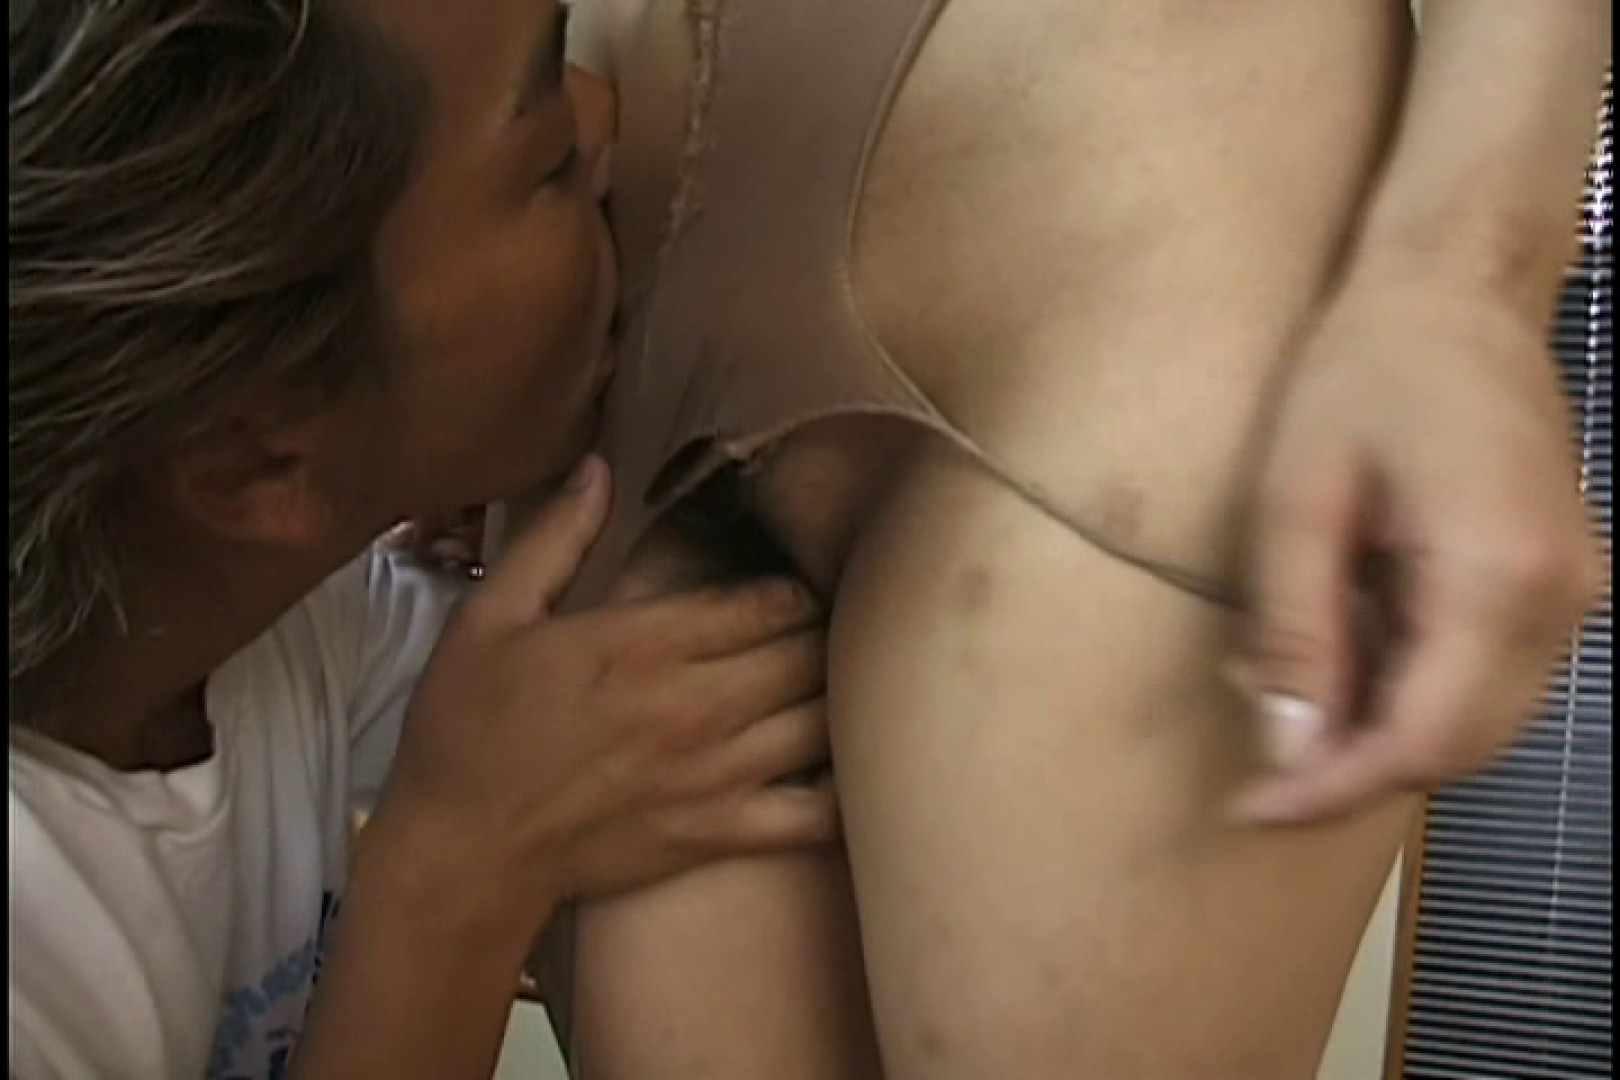 昼間の奥様は欲求不満 ~渡辺亜矢~ 友人の・・・ | クンニ映像  74pic 46